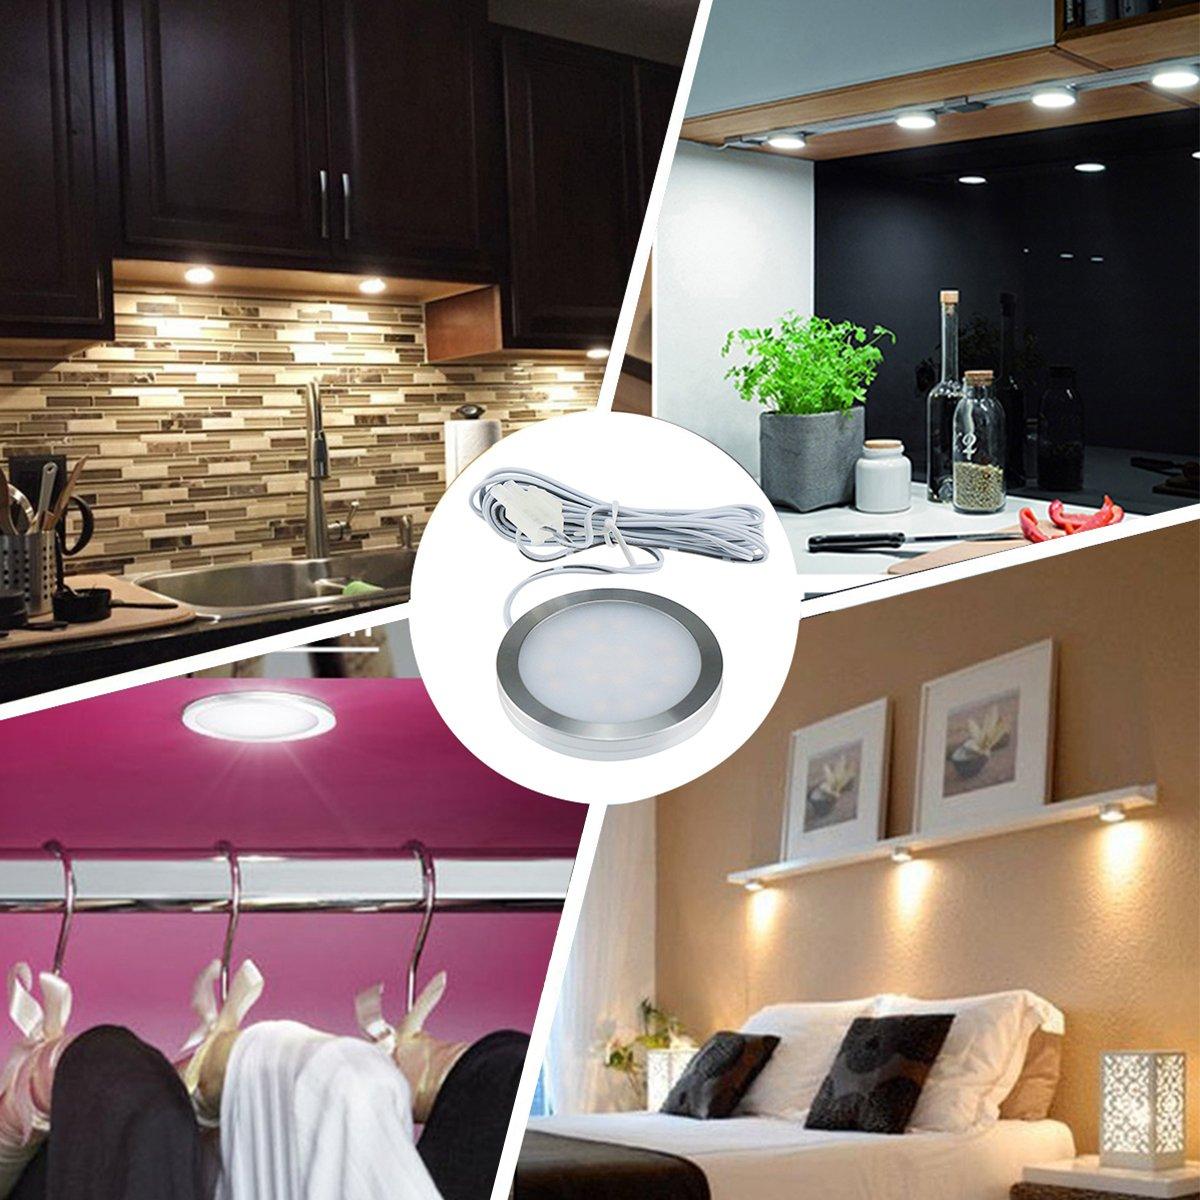 Ultra Slim 12v Puck Lights For Hallway 6 Packs Double K Light Double K Under Cabinet